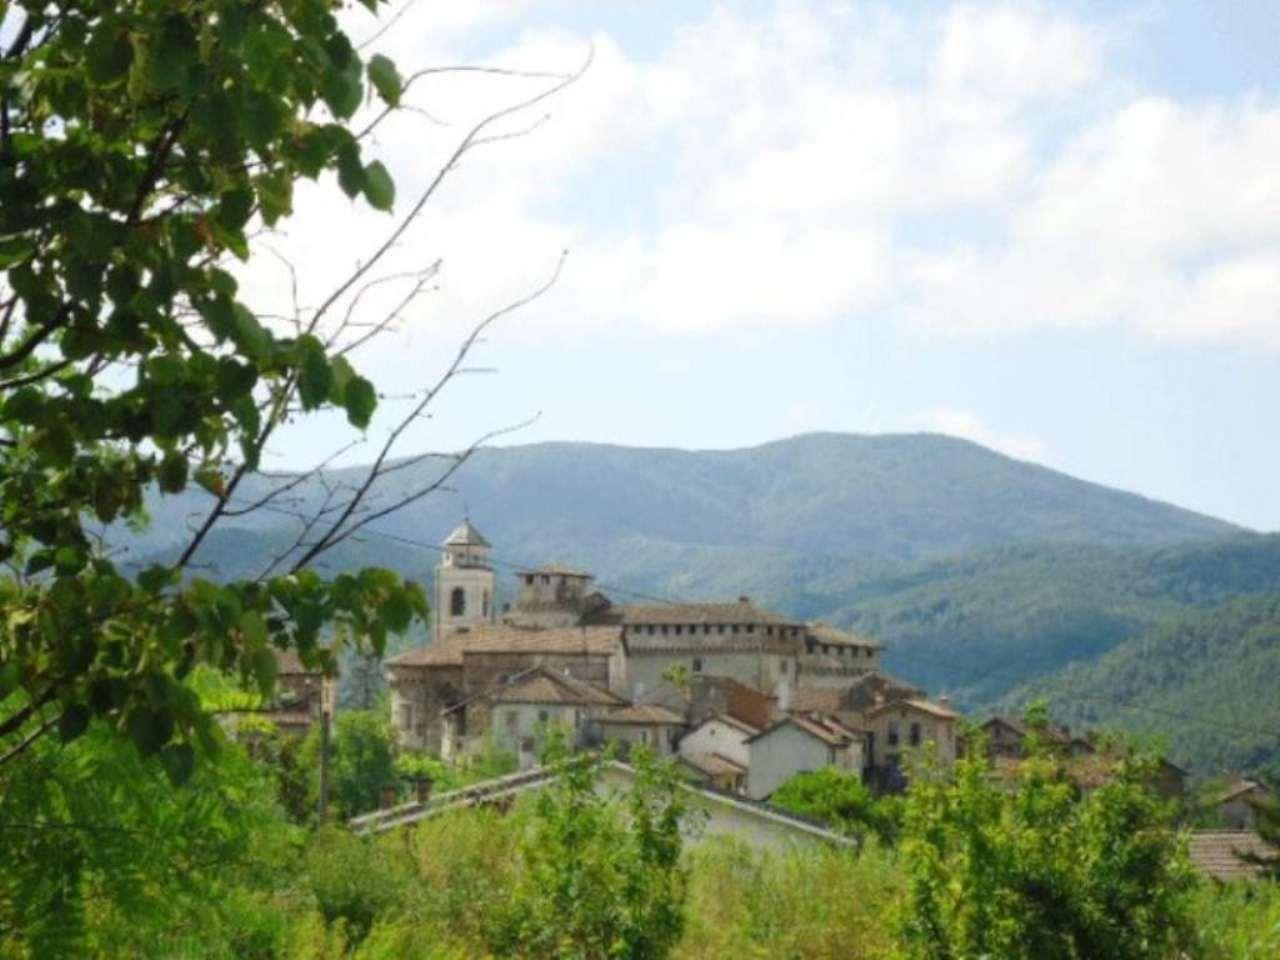 Terreno Edificabile Residenziale in vendita a Lerma, 9999 locali, prezzo € 108.800 | Cambio Casa.it